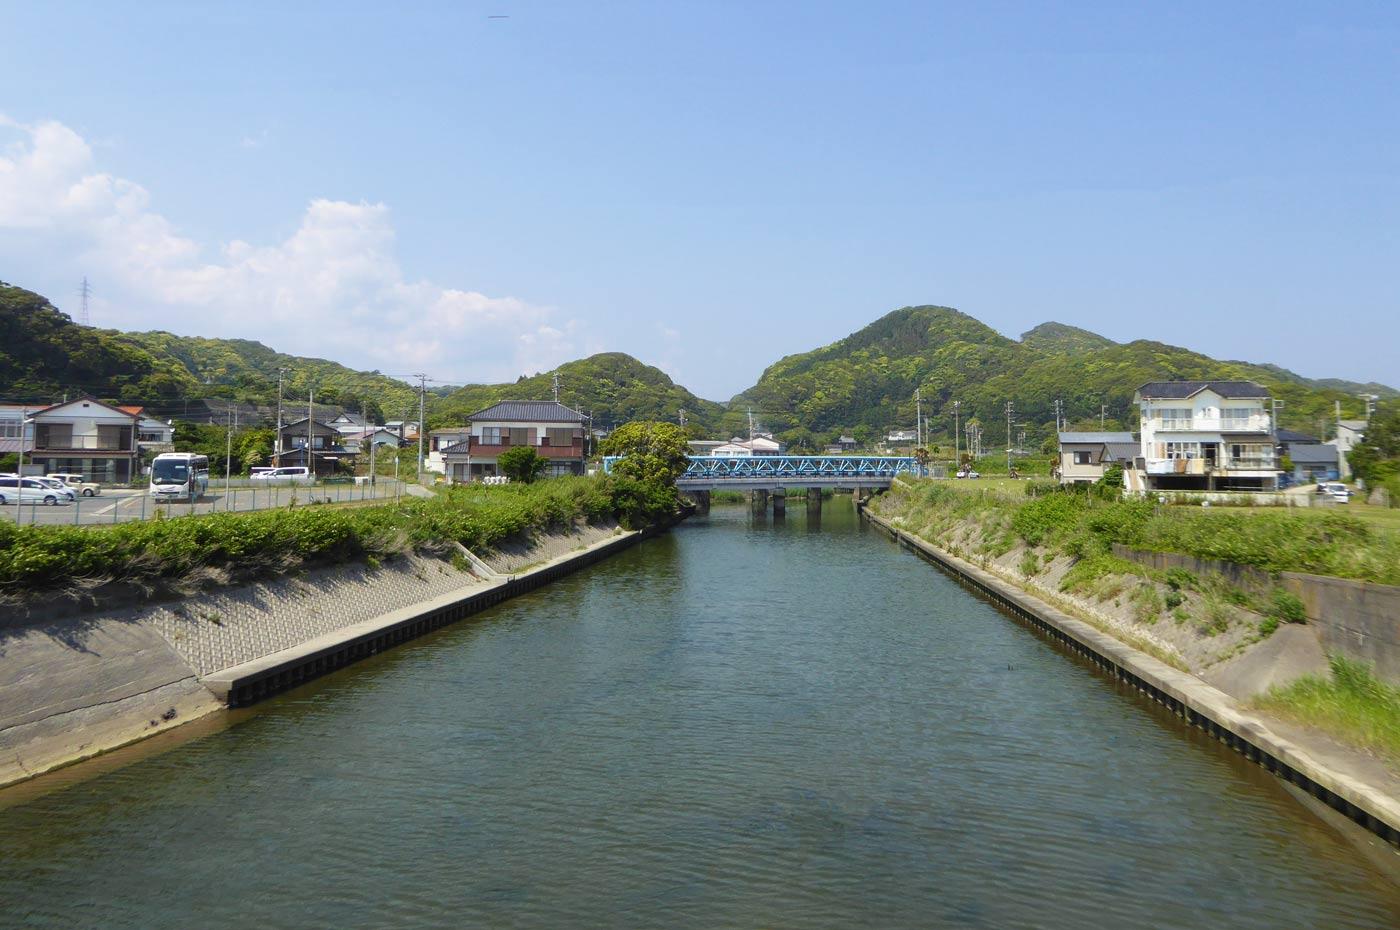 大風沢川の画像